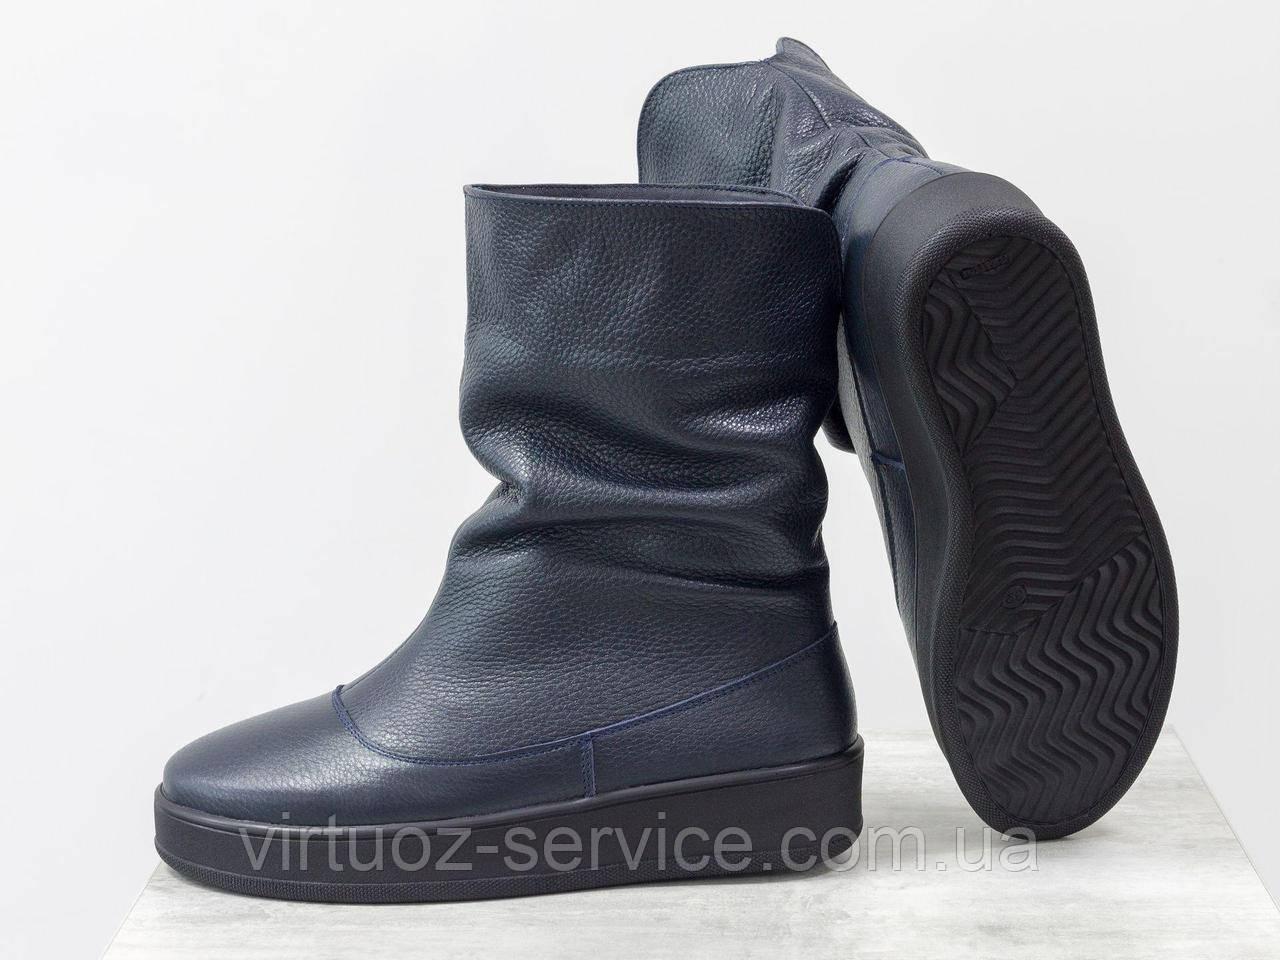 Ботинки женские Gino Figini М-211-03 из натуральной кожи флотар